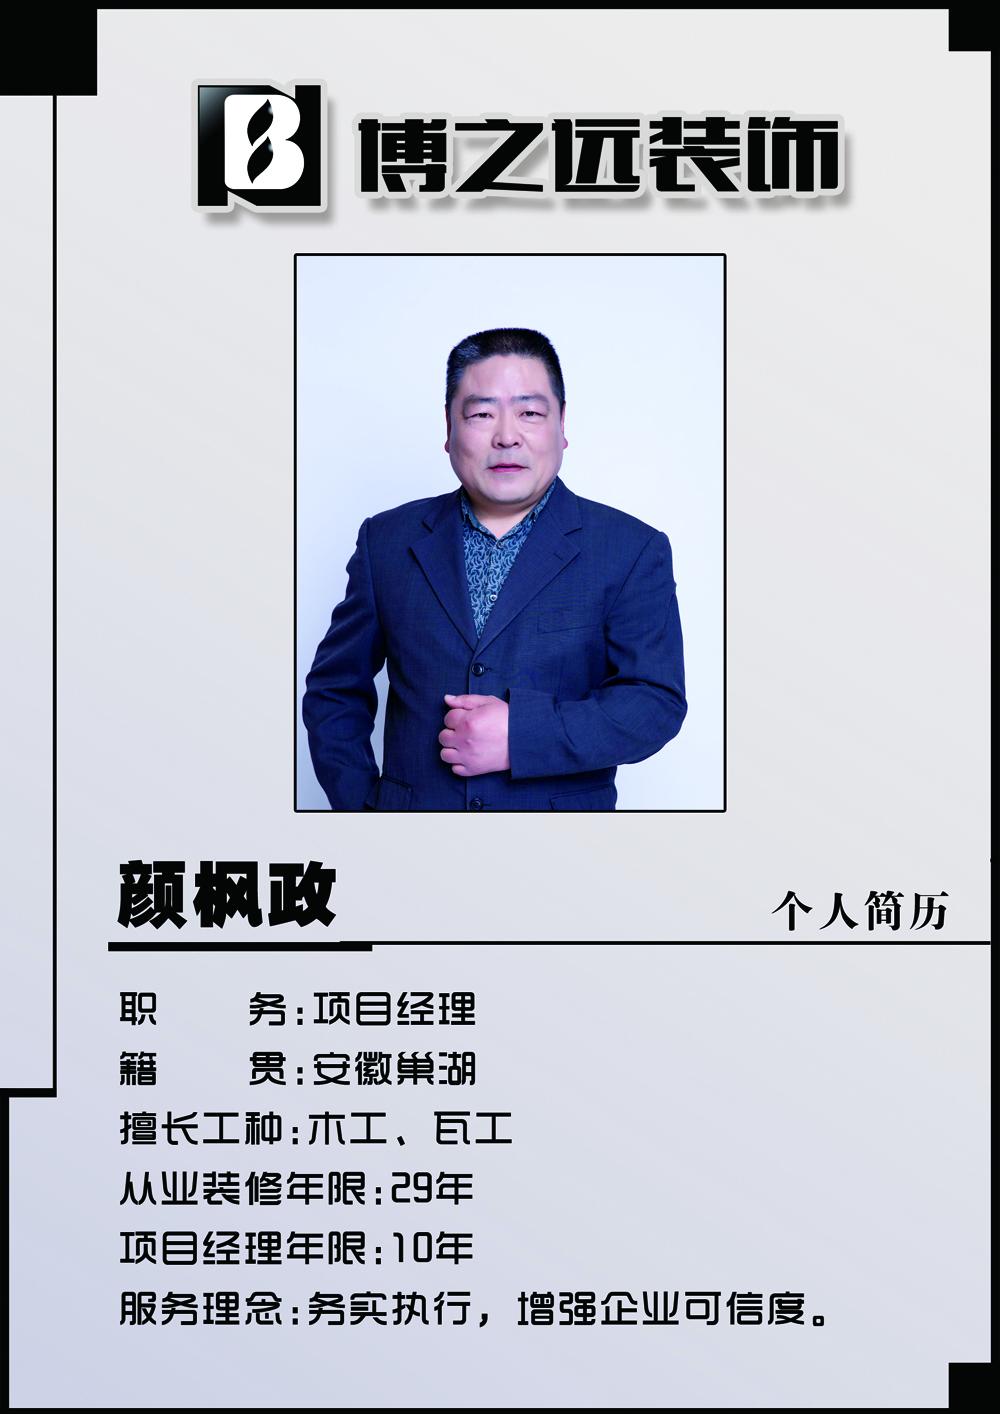 项目经理展板颜枫政.jpg